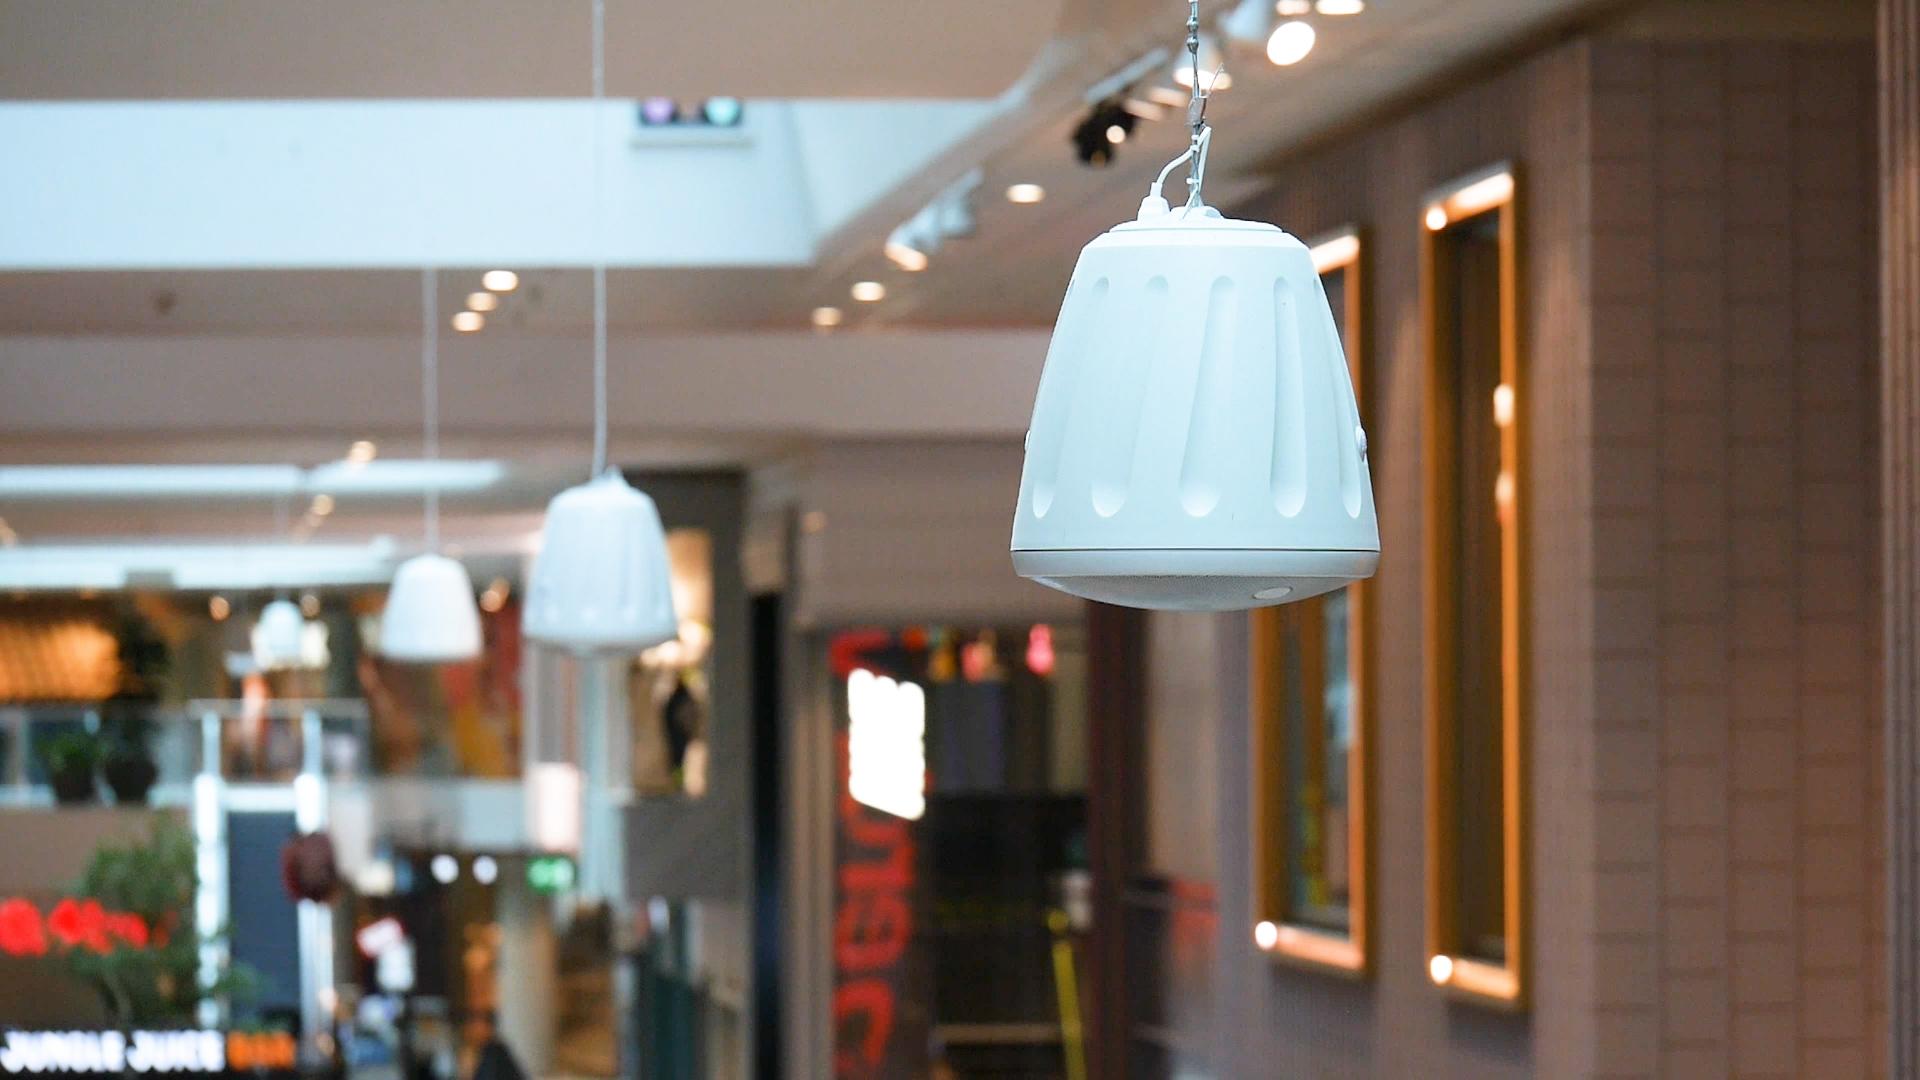 Gallerian.00_01_27_06.Still013.jpg